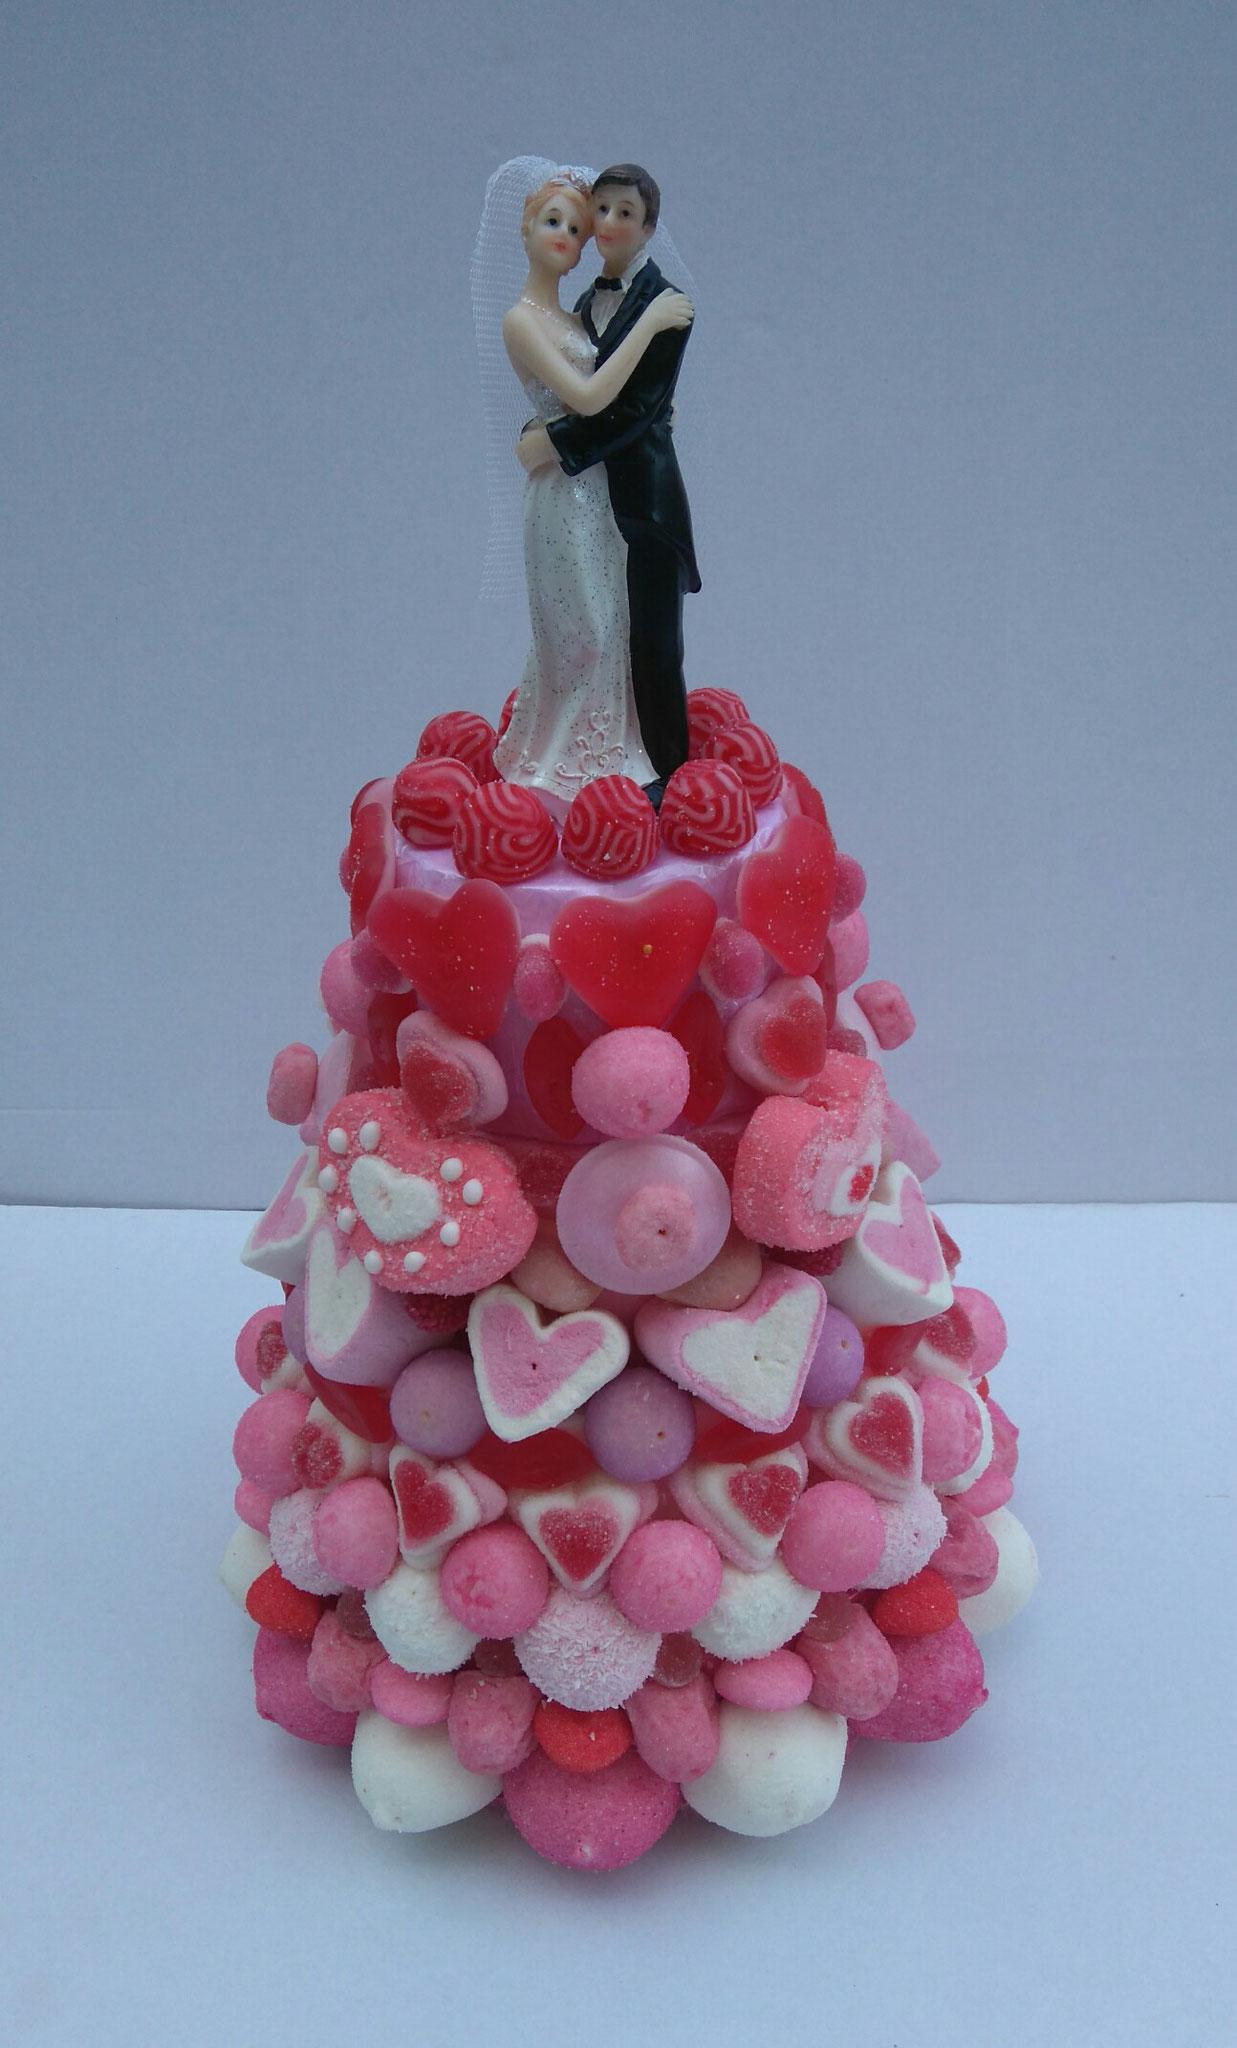 PIECE MONTEE ROSE MARIES 49 € (1100 gr et 203 bonbons - ht 38 cm diam. base 25 cm)